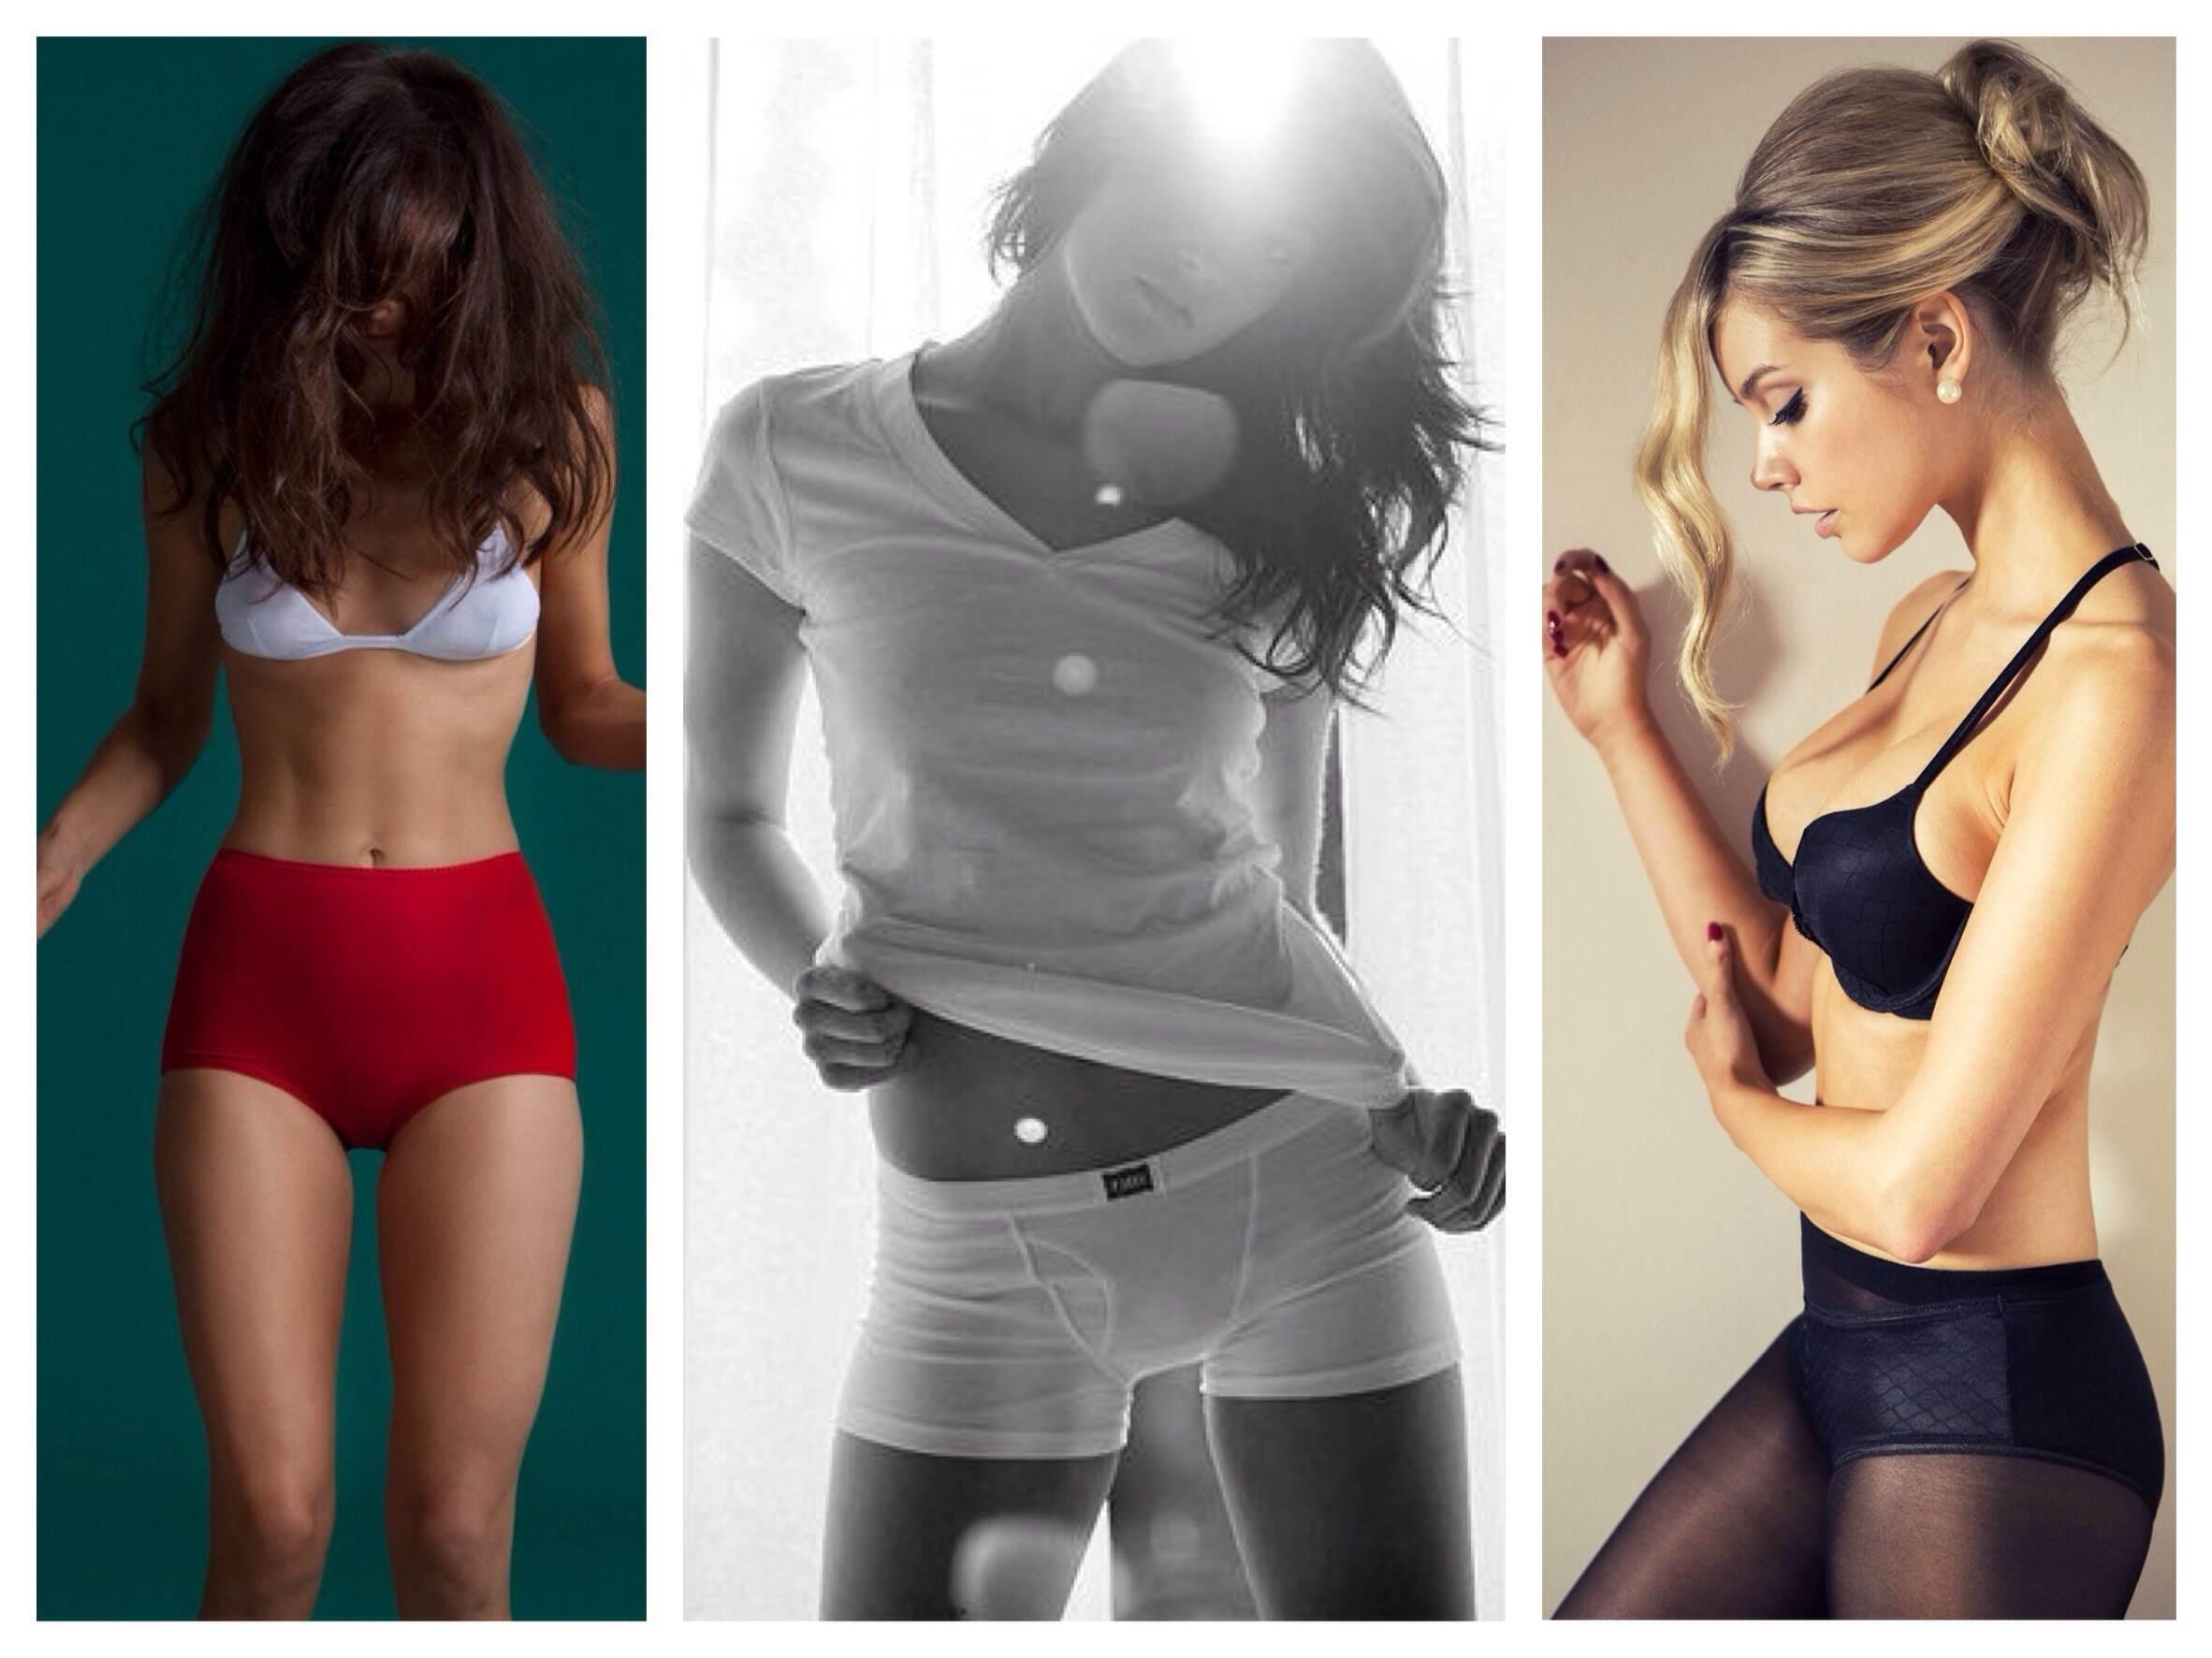 Фото просвечивающиеся белье, Фото девушек в просвечивающемся белье (42 фото) 3 фотография